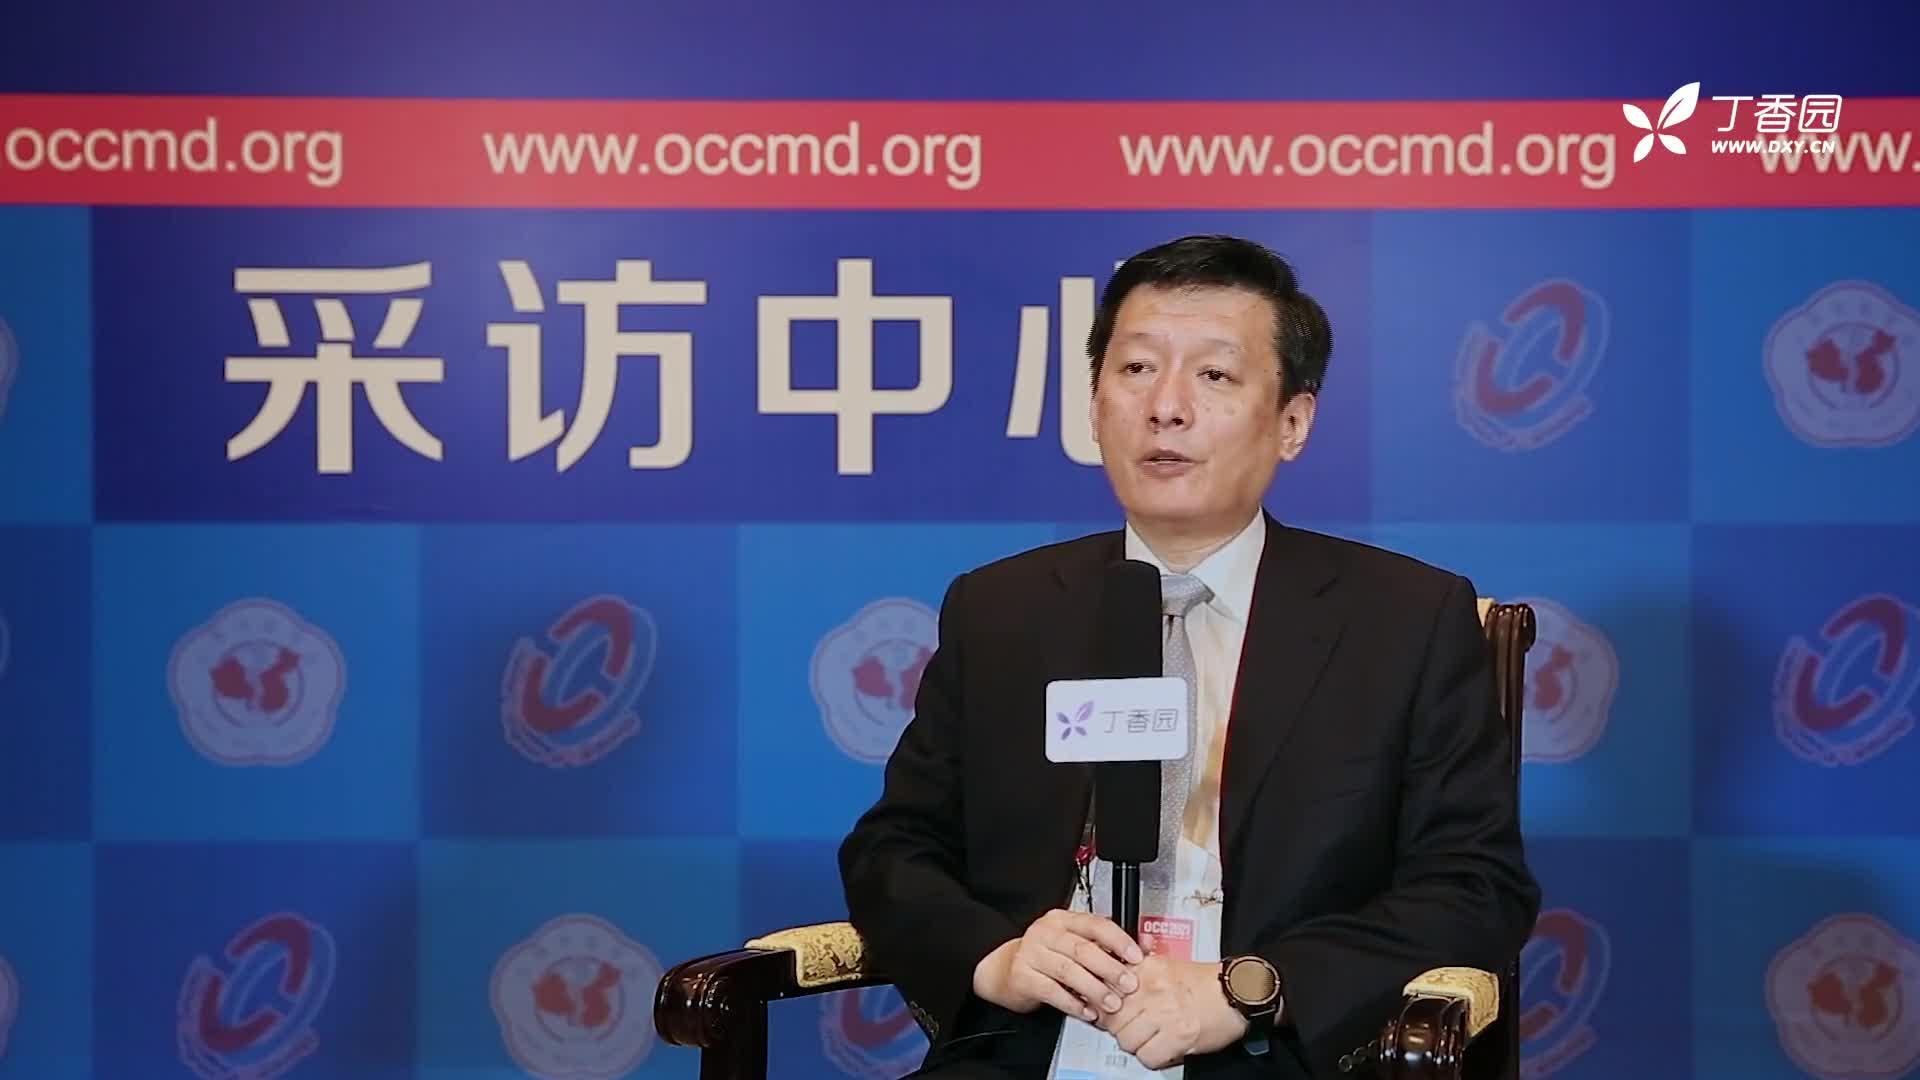 张宇清教授谈 2020 ISH 国际高血压实践指南   OCC 2021